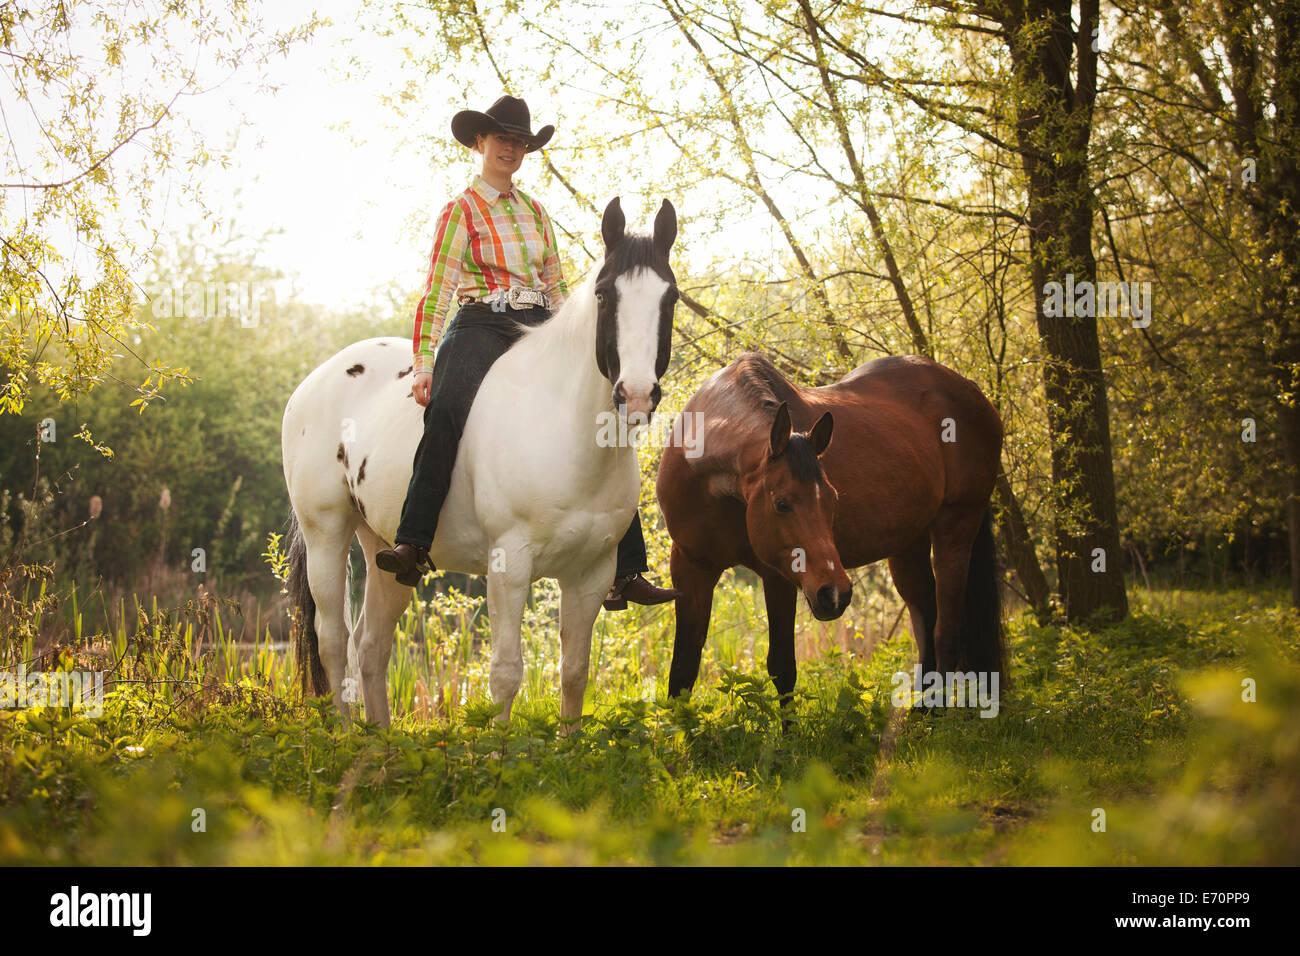 L'ouest femelle cavalier au cheval noir, couleur Tobiano baie, à la tête d'un cheval arabe Shagya, Photo Stock